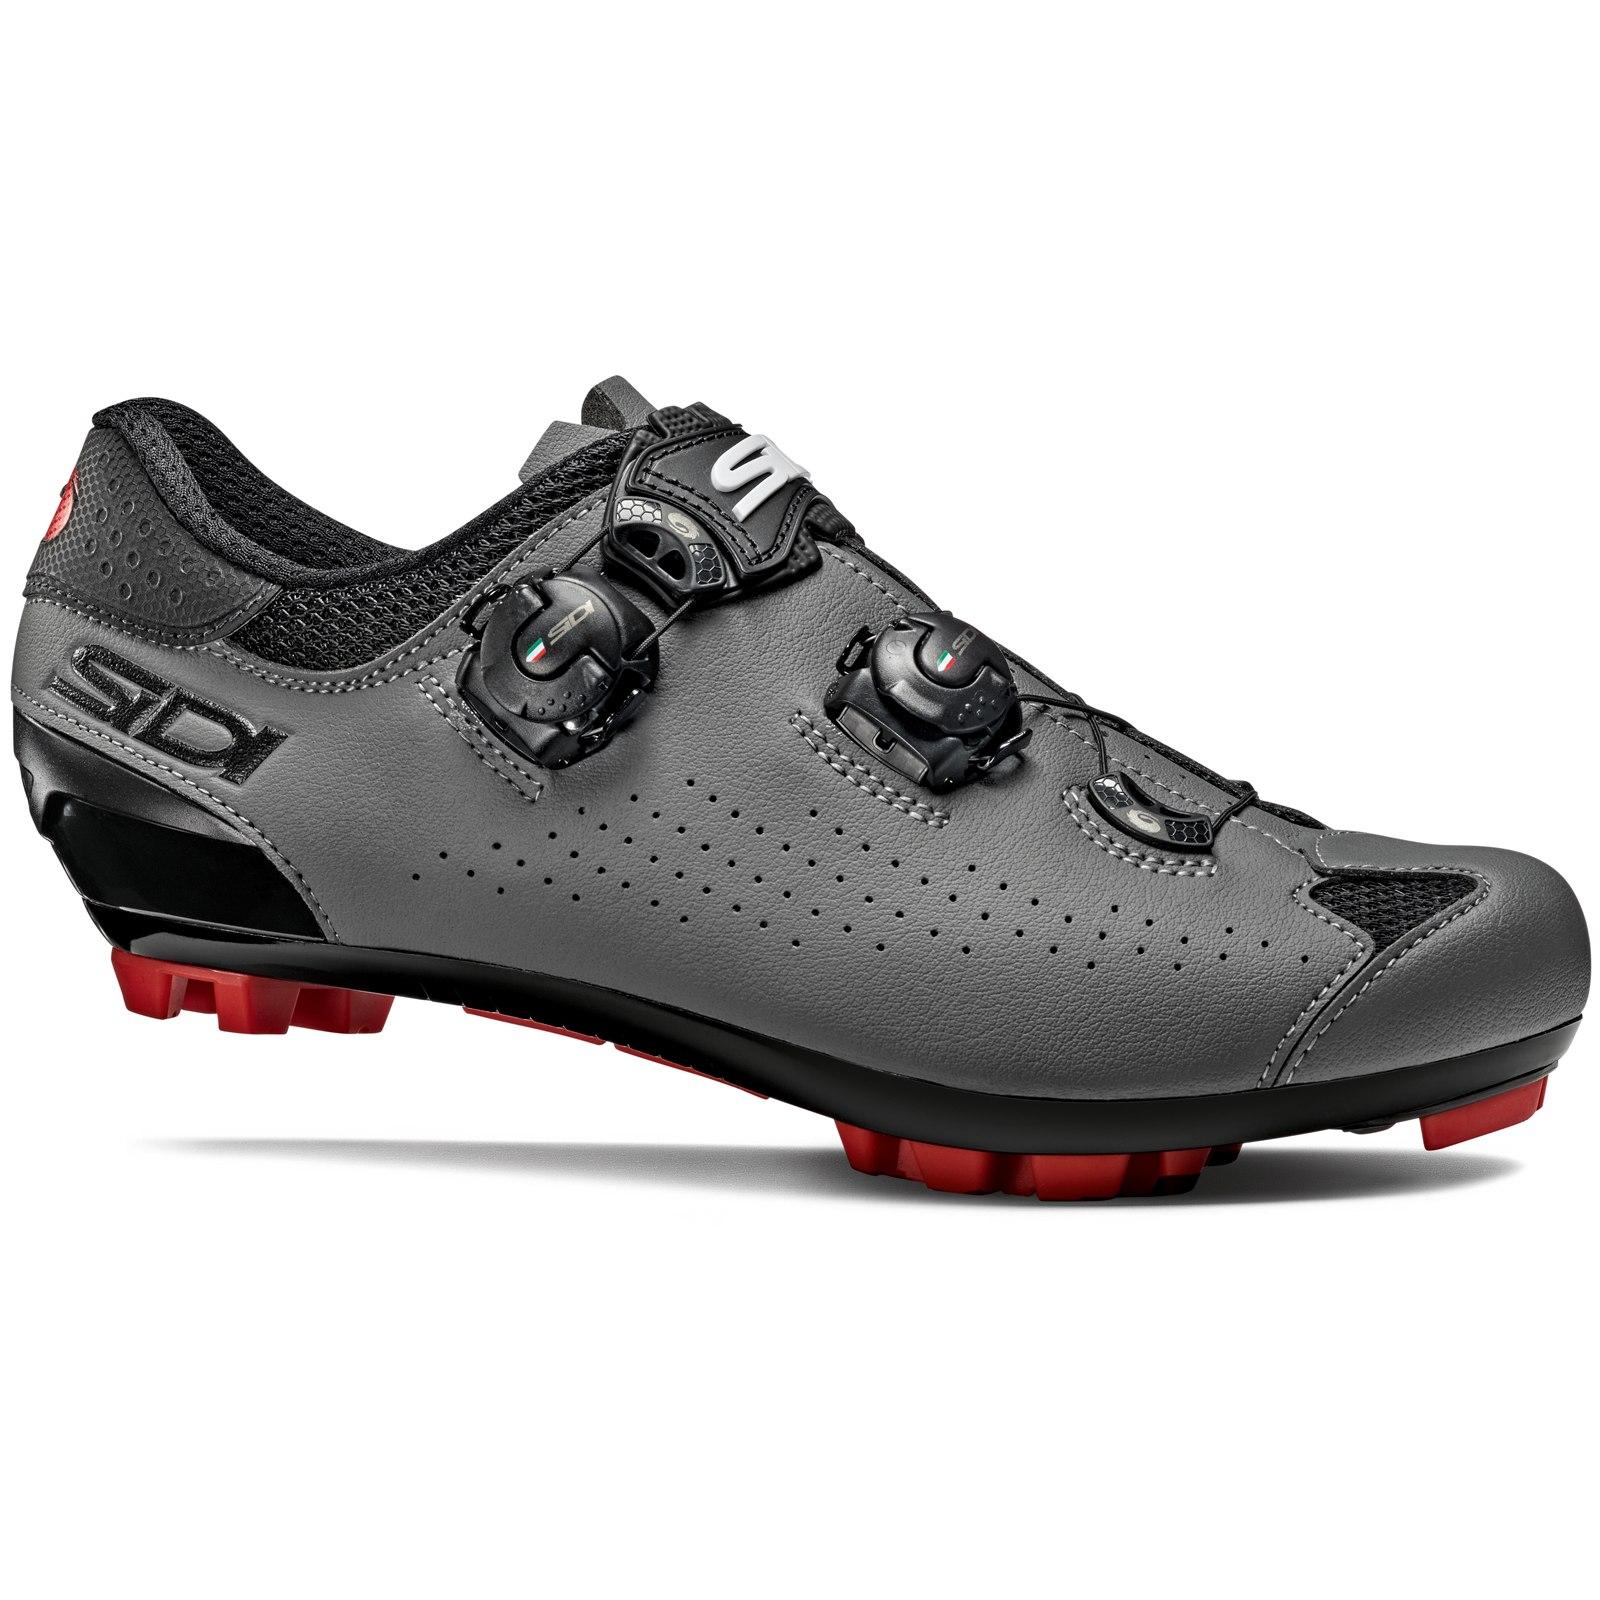 Sidi Eagle 10 MTB Schuhe - black/grey